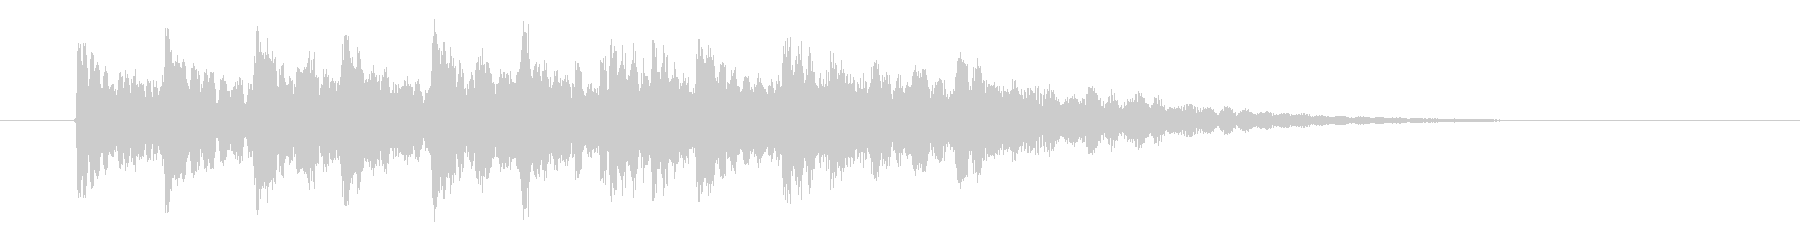 ピンポンパンポン(注目、ベル、お知らせ)の未再生の波形